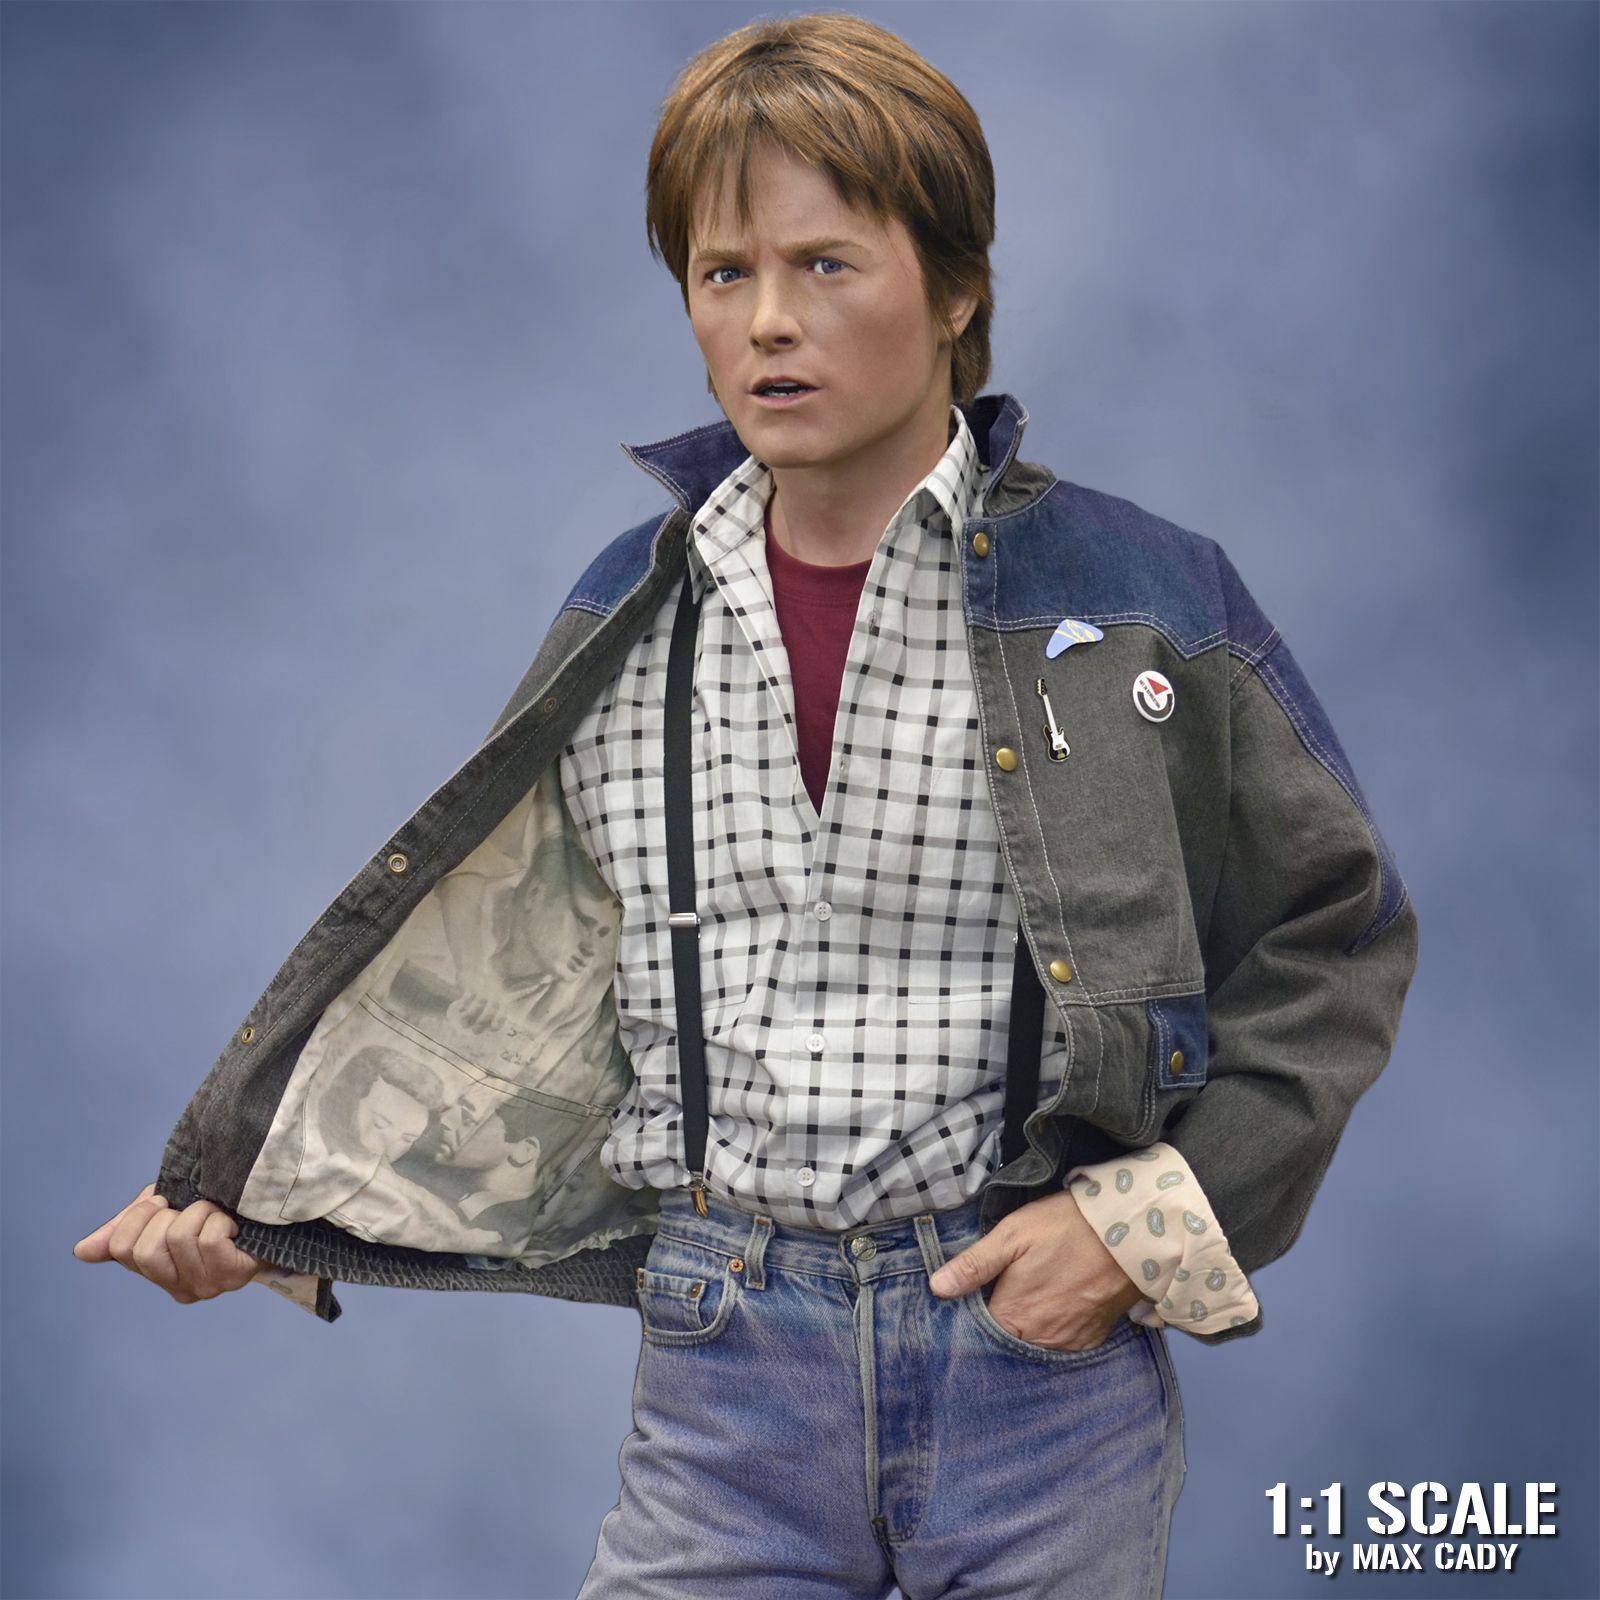 Back To The Future Denim Jacket Denim Jacket Jackets Marty Mcfly Jacket [ 1600 x 1600 Pixel ]